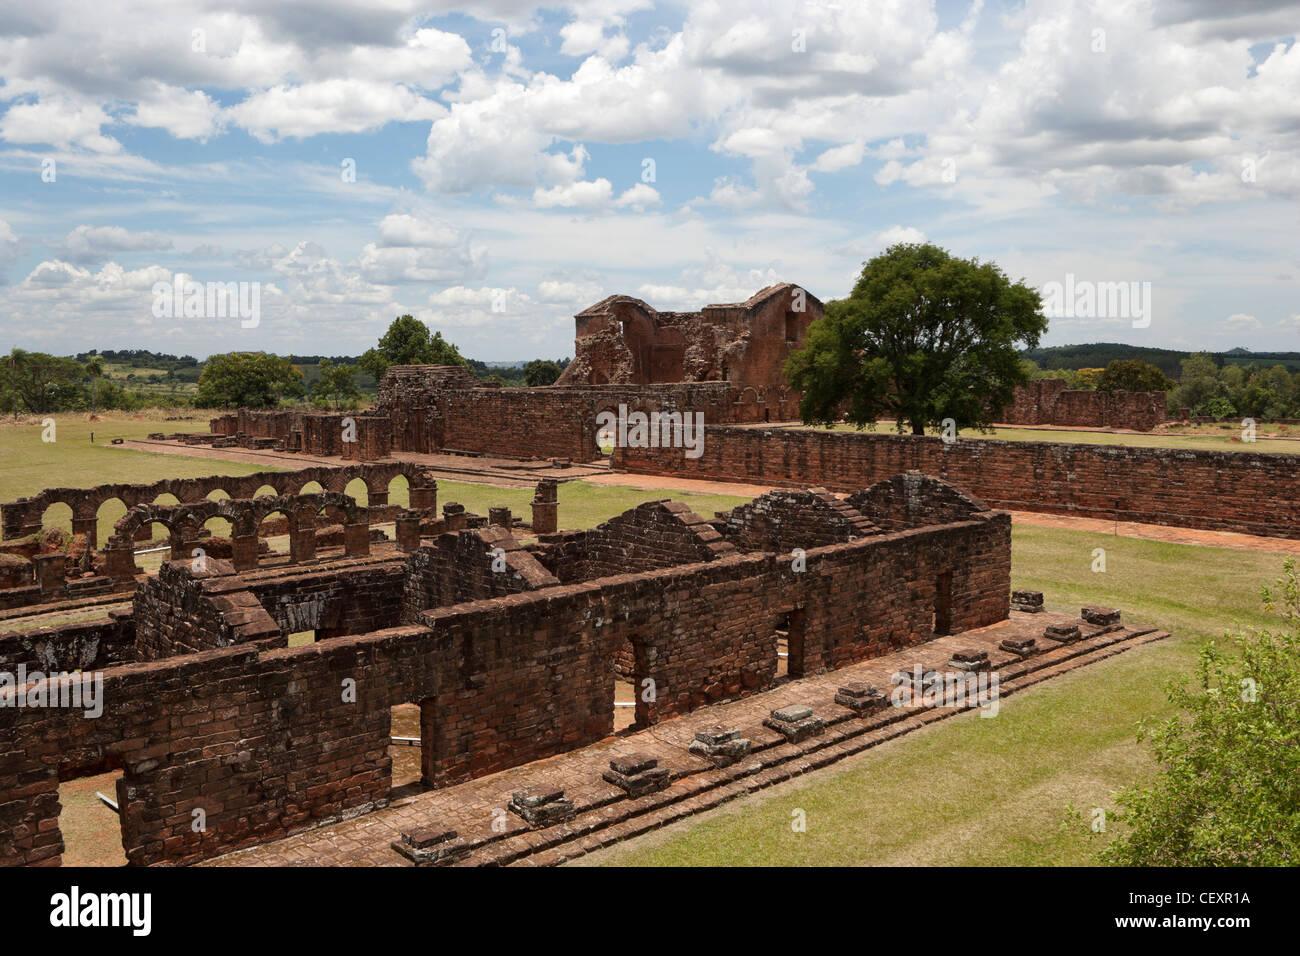 Trinidad Jesuit Ruins Mission Paraguay UNESCO - Stock Image